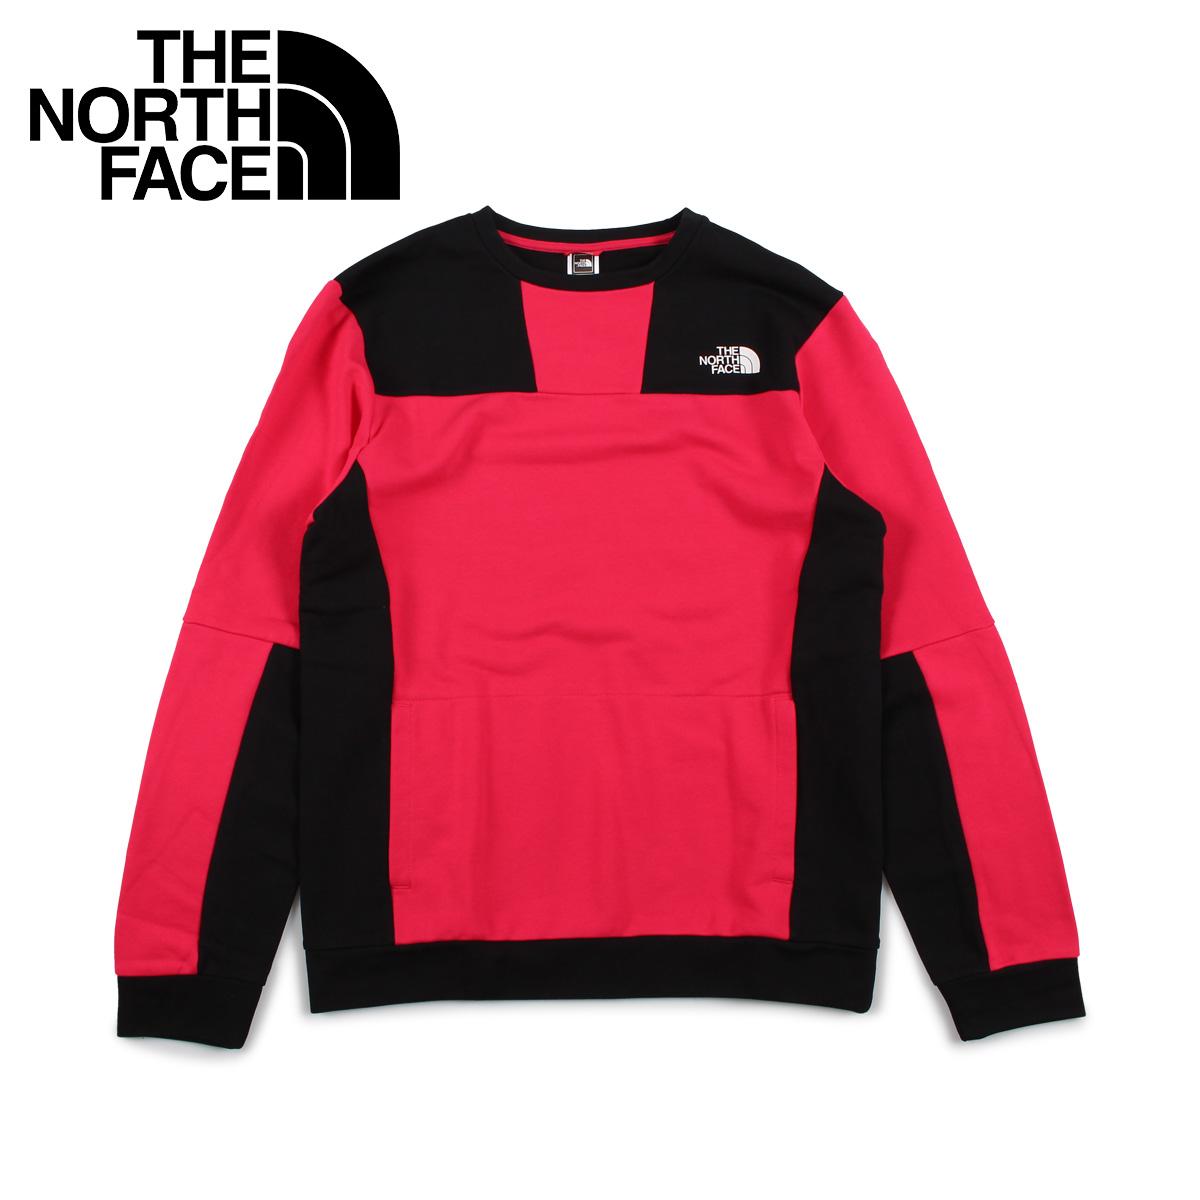 THE NORTH FACE ノースフェイス トレーナー スウェット メンズ U RAGE GRAPHIC CREW ピンク T93XXE